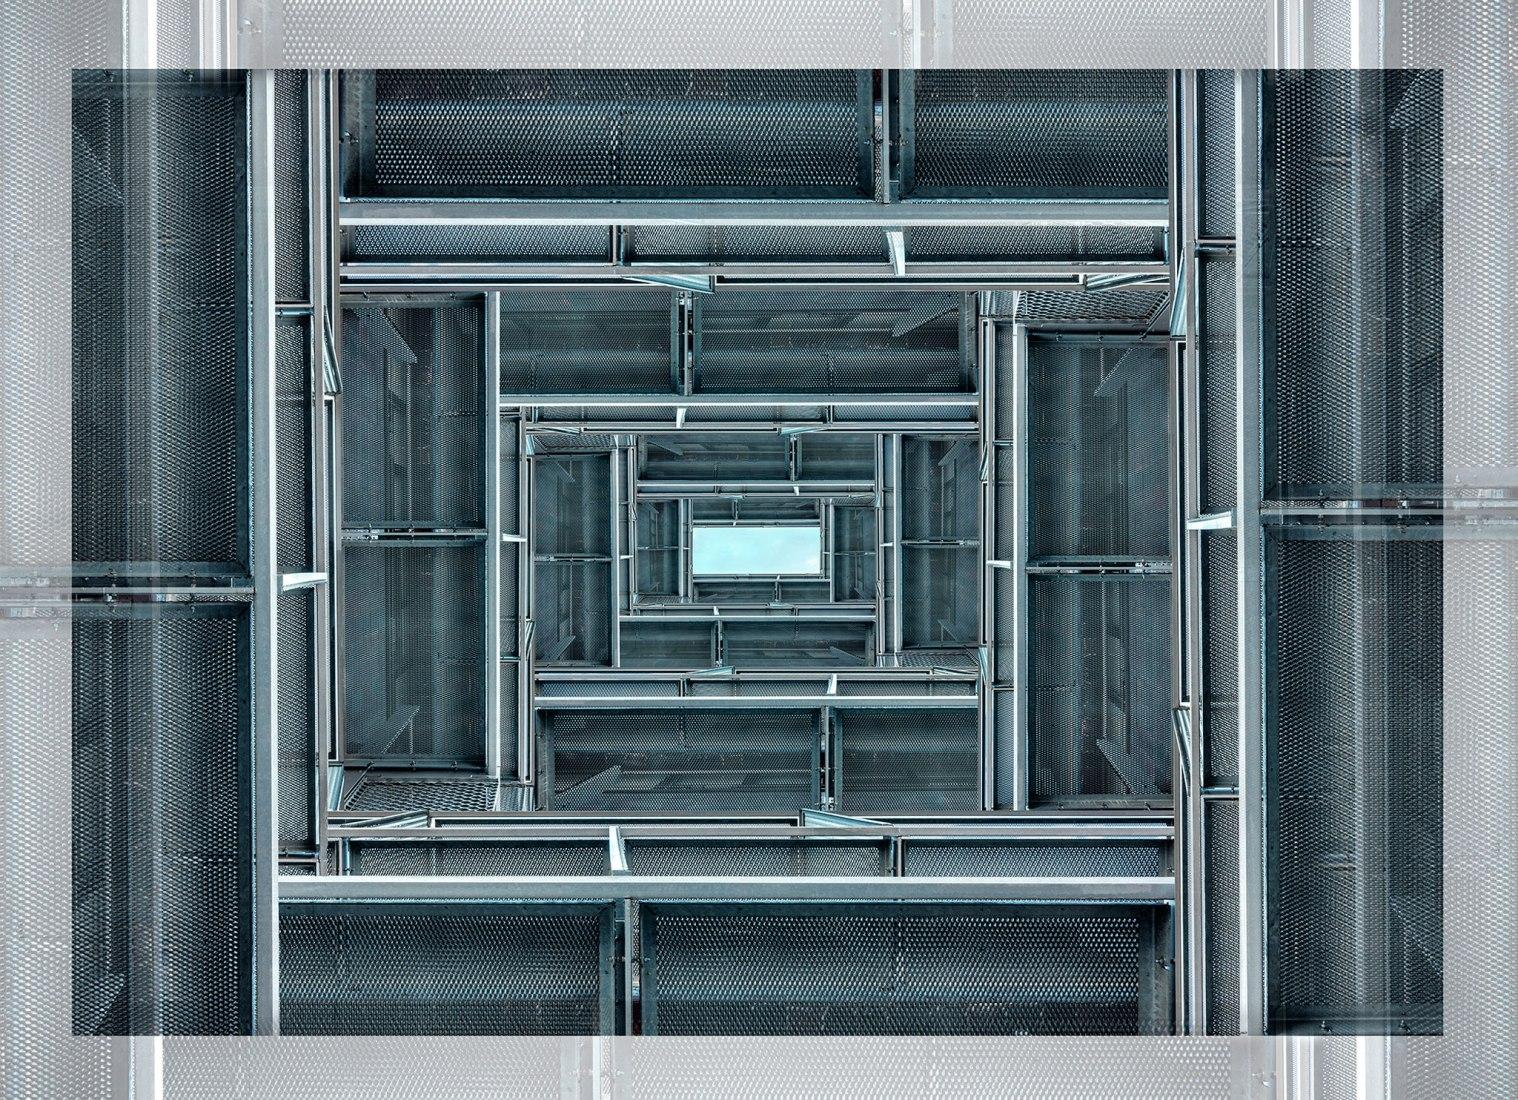 Geometrical 1. 108x150 cm. Impresión por sublimación / Cromaluxe. Edición de 7 ej. + 1 P.A. / 2018. Cortesía de Jesús M. Chamizo Photographer